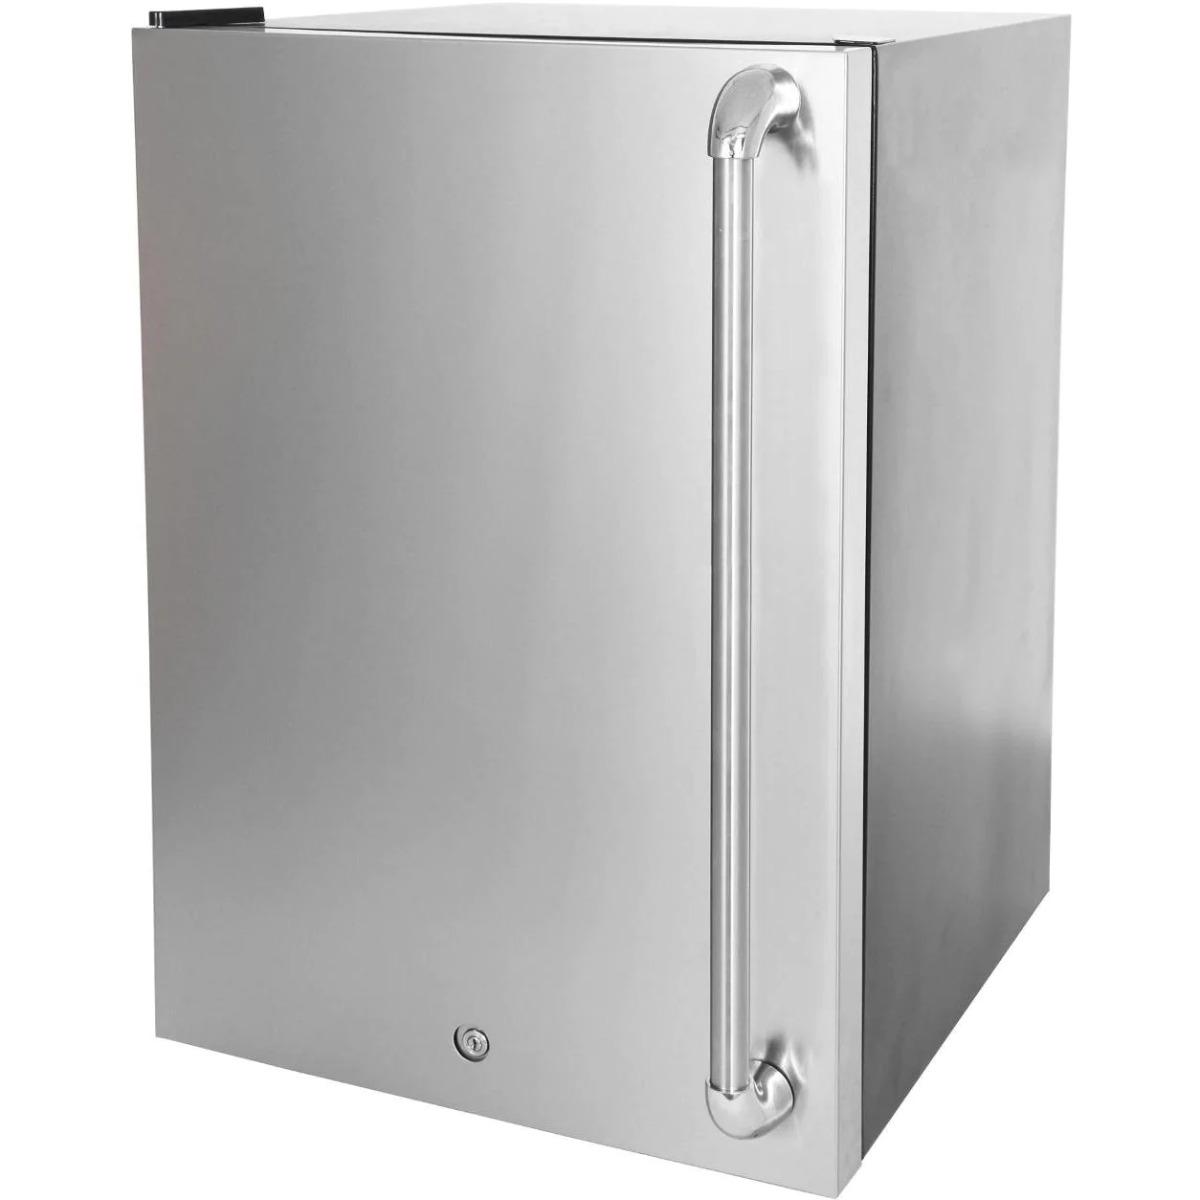 Blaze 20-Inch 4.5 Cu. Ft. Left Hinge Compact Refrigerator With Stainless Steel Door & Towel Bar Handle - BLZ-SSRF130